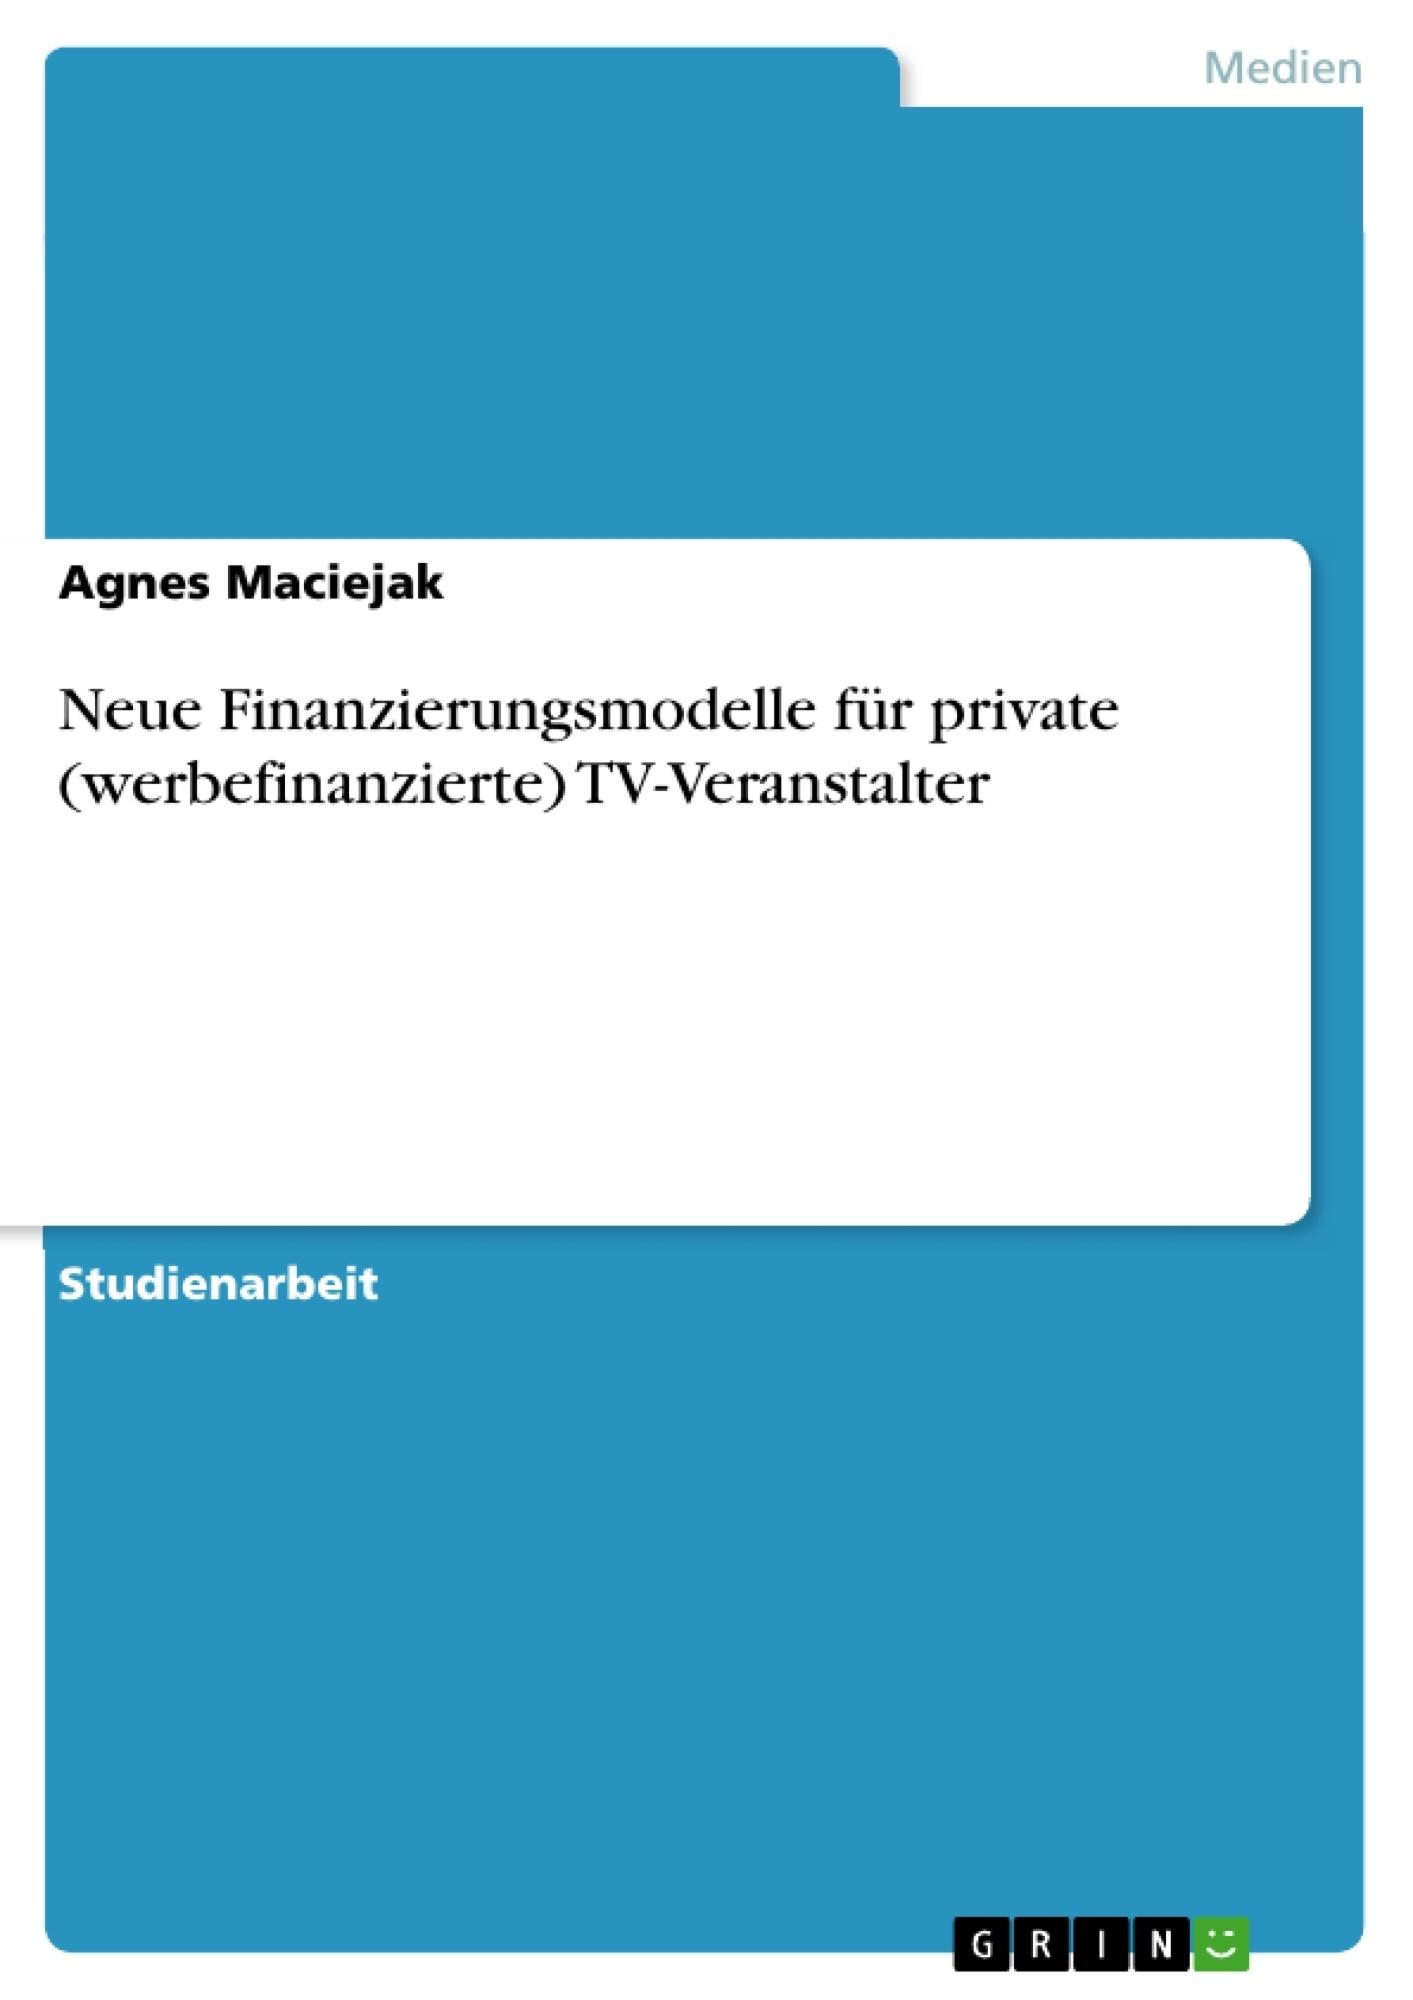 Titel: Neue Finanzierungsmodelle für private (werbefinanzierte) TV-Veranstalter